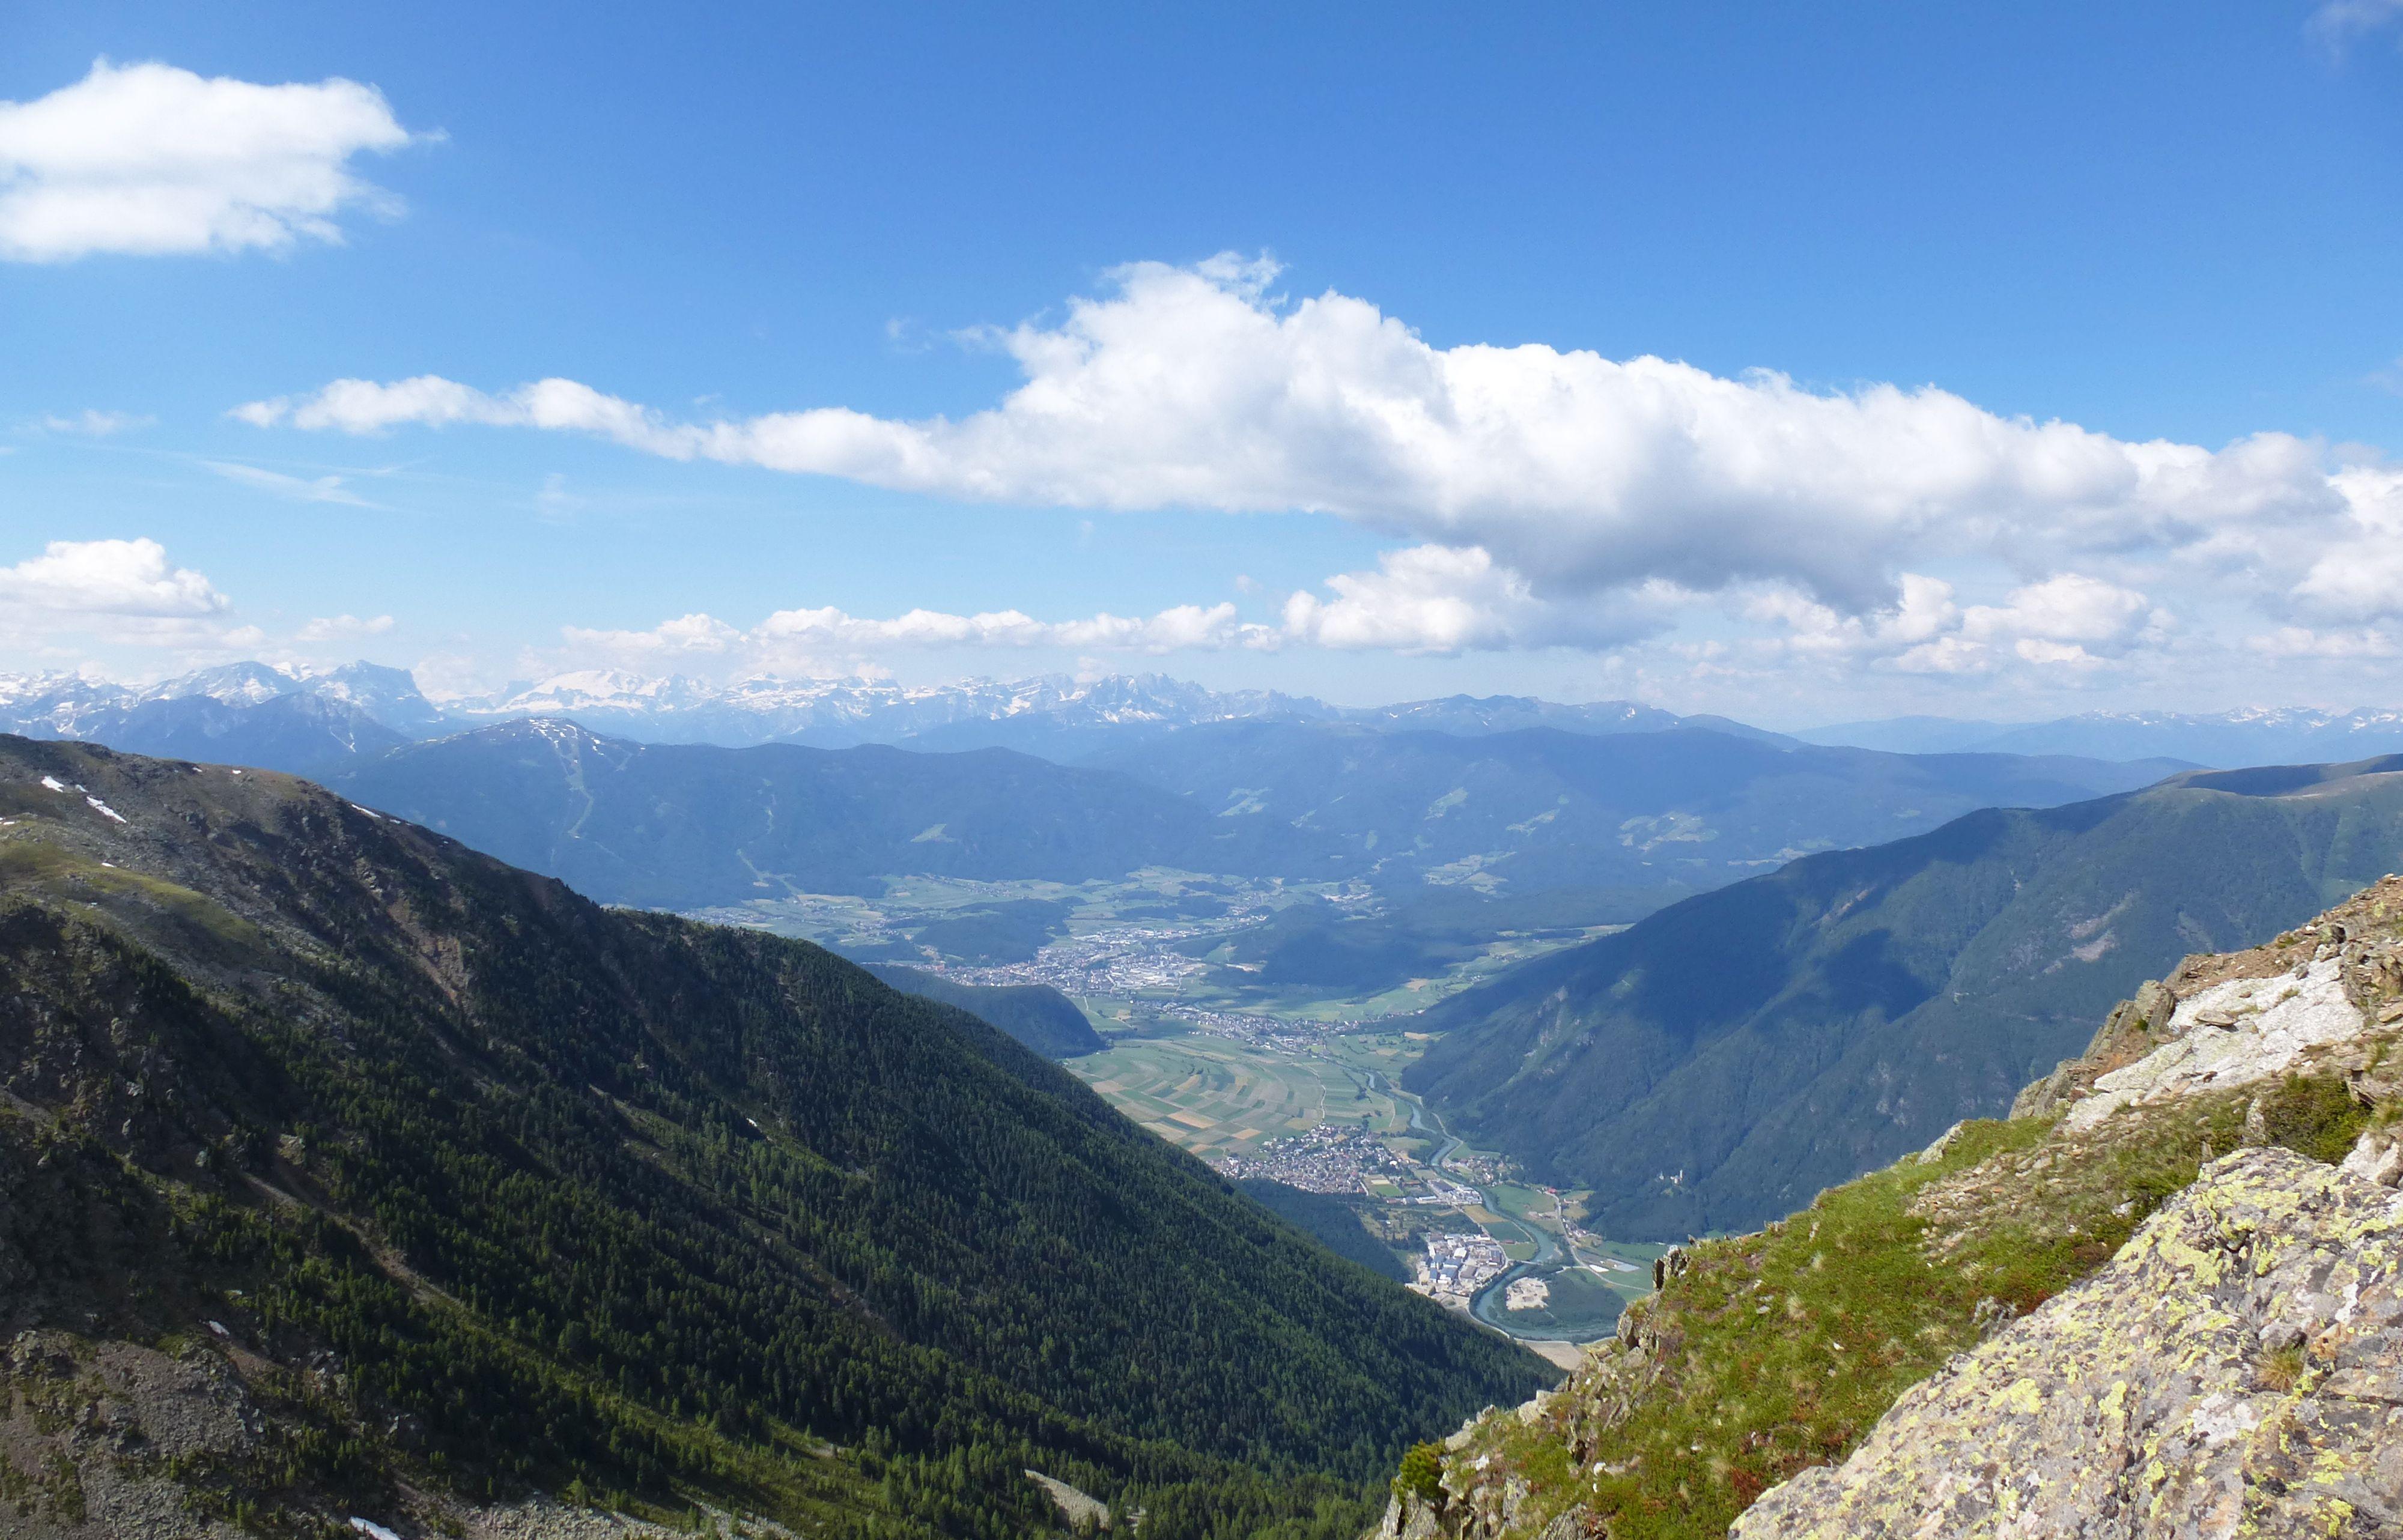 Blossberg (2619 m) UttenheimVilla Ottone Bruneck